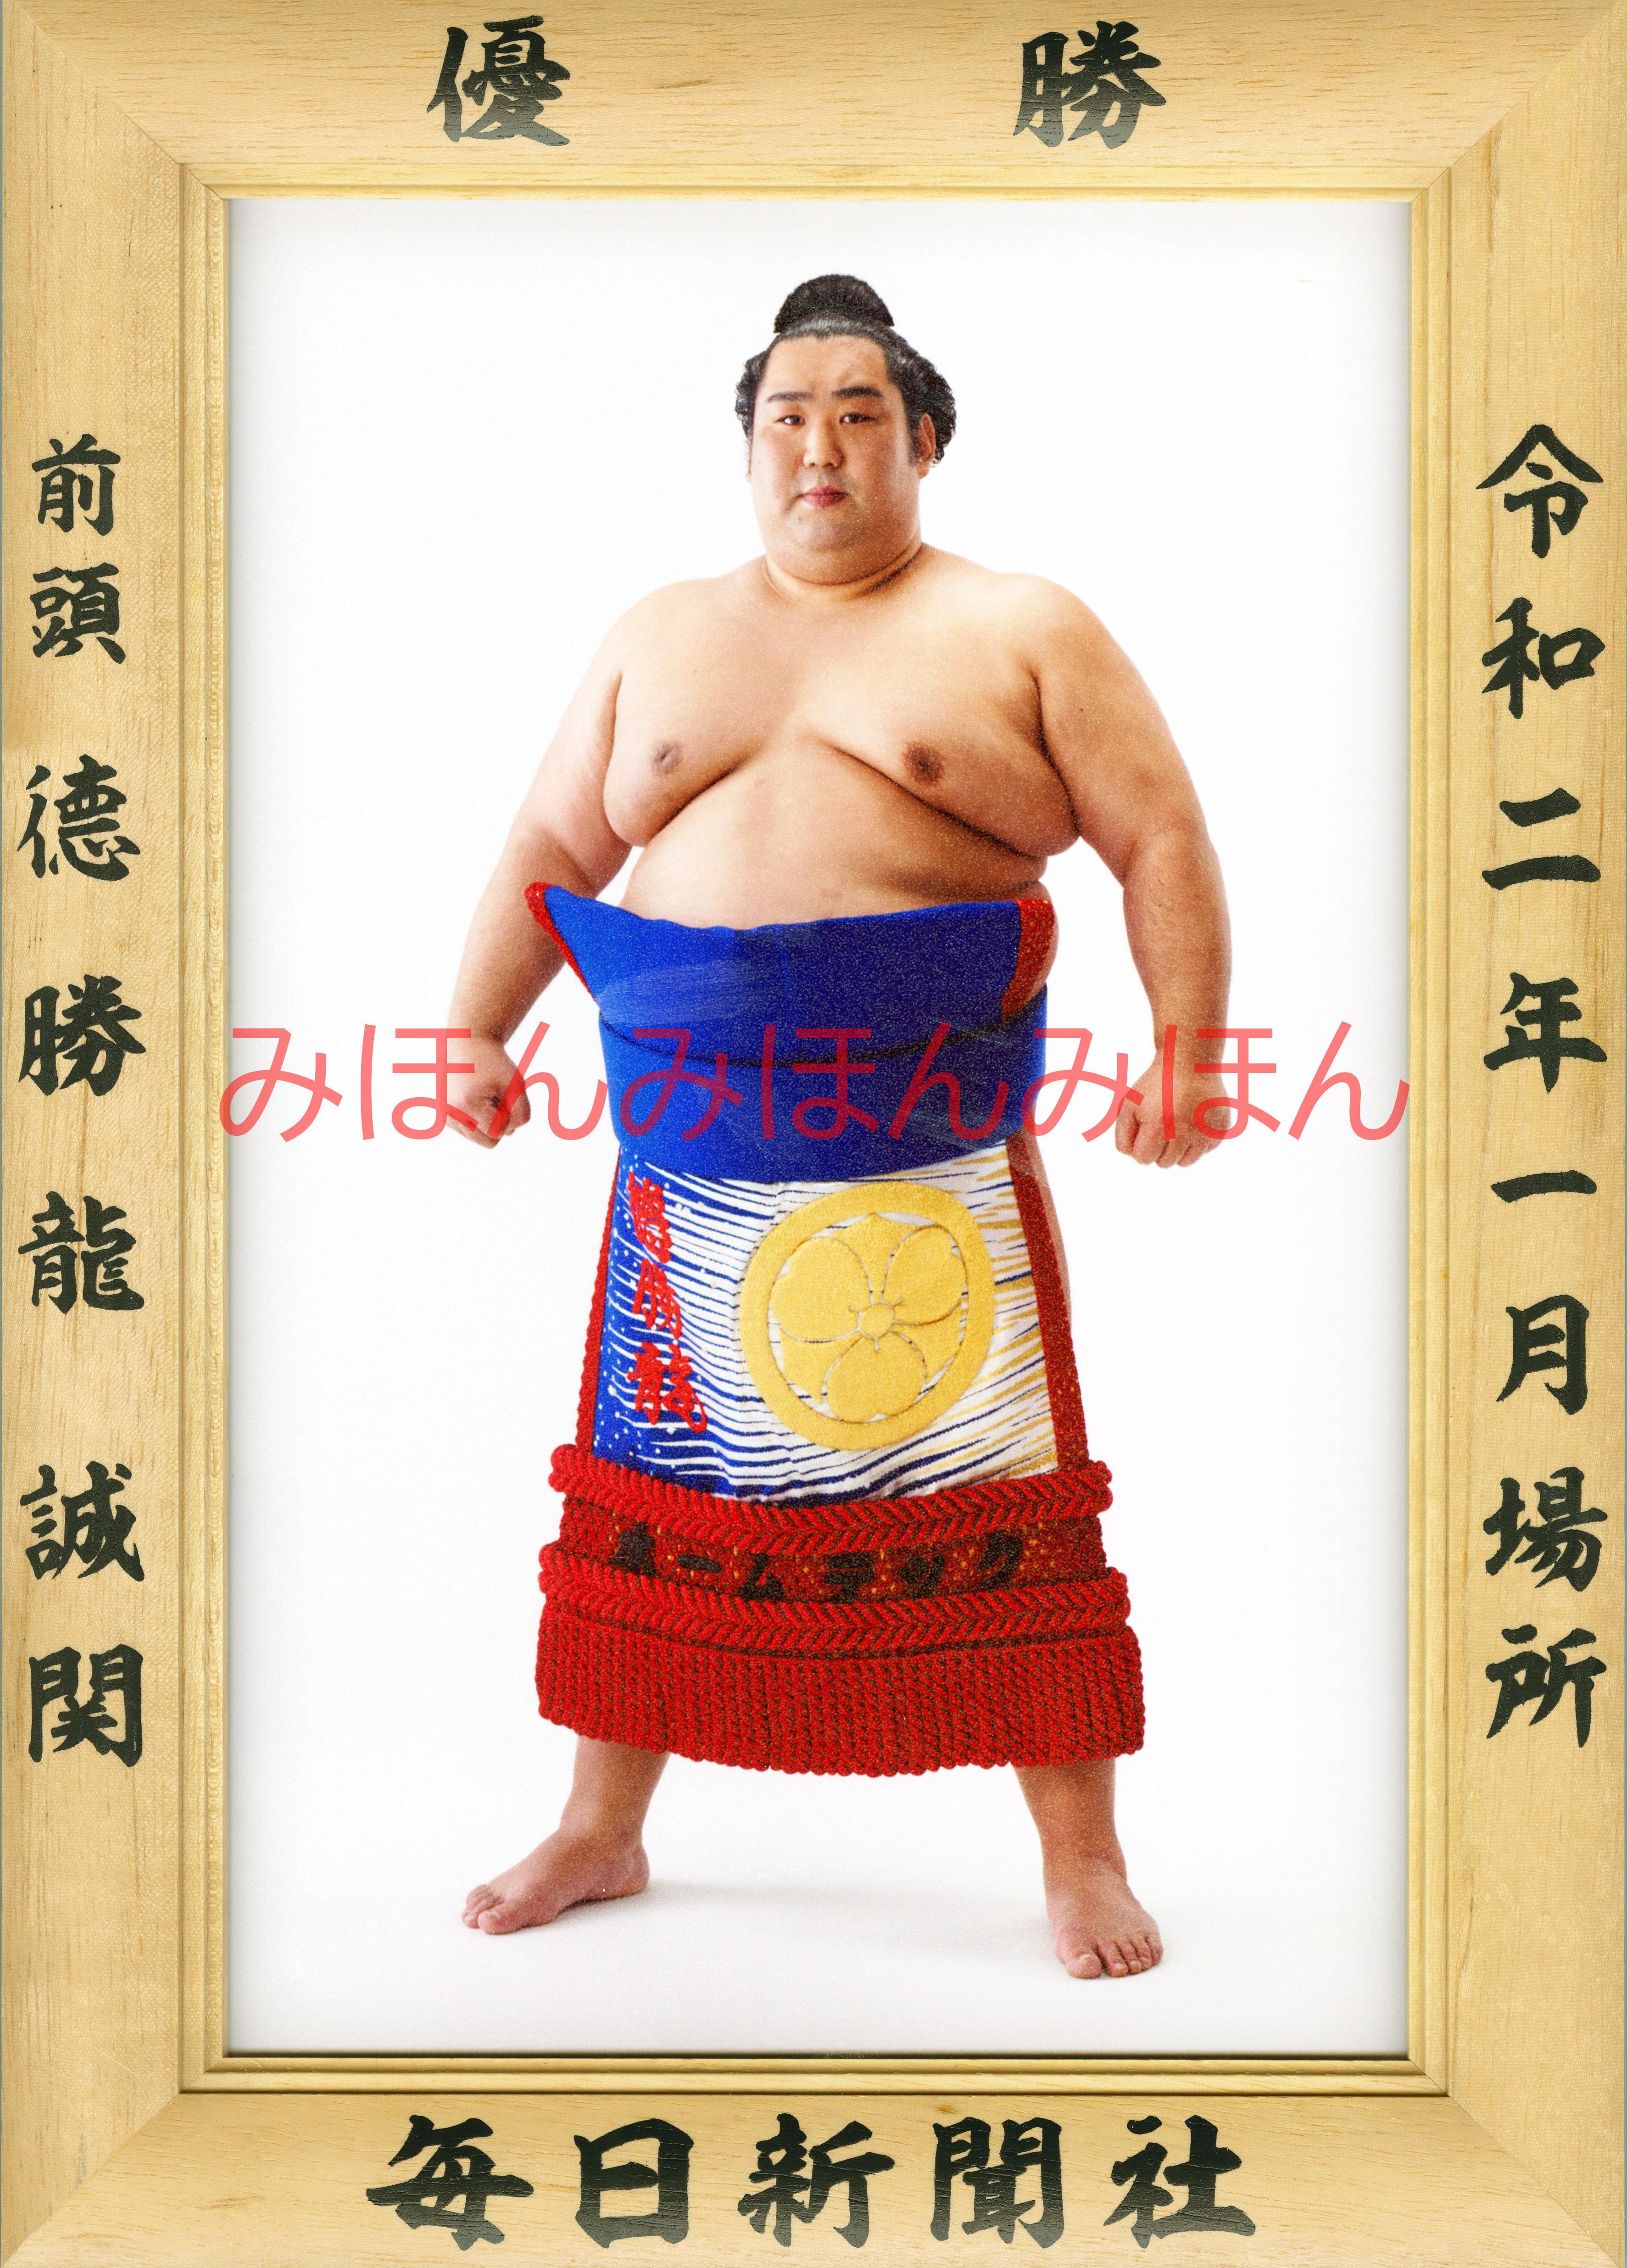 令和2(2020)年1月場所優勝 前頭 徳勝龍誠関(初優勝)